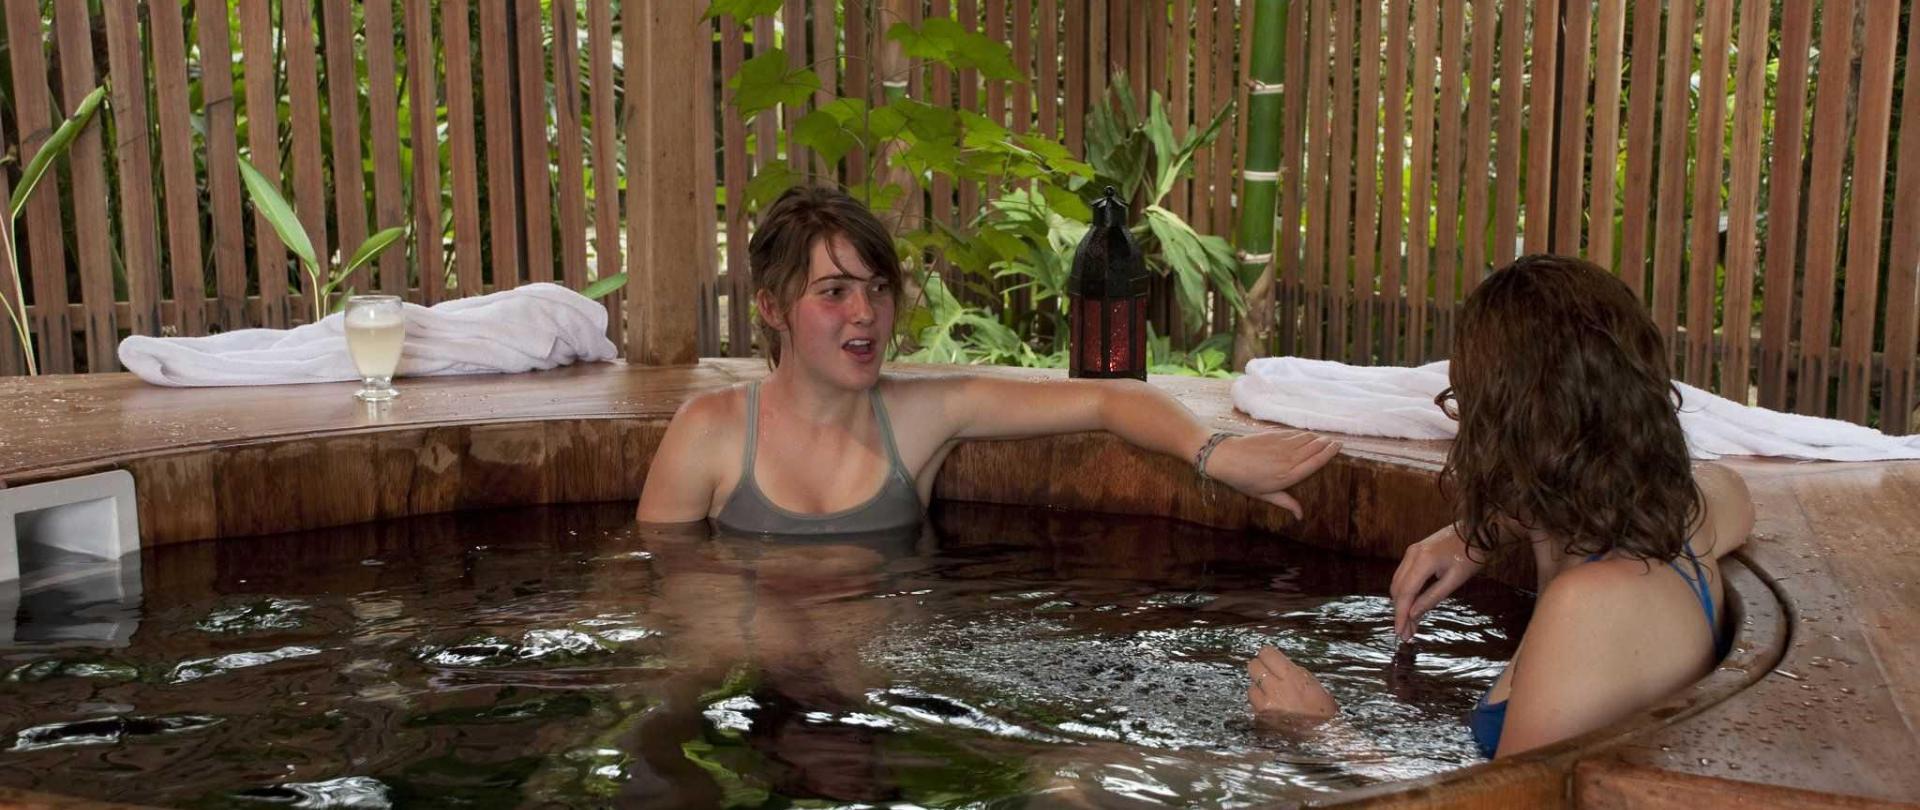 hot-tub-y-jardin.jpg